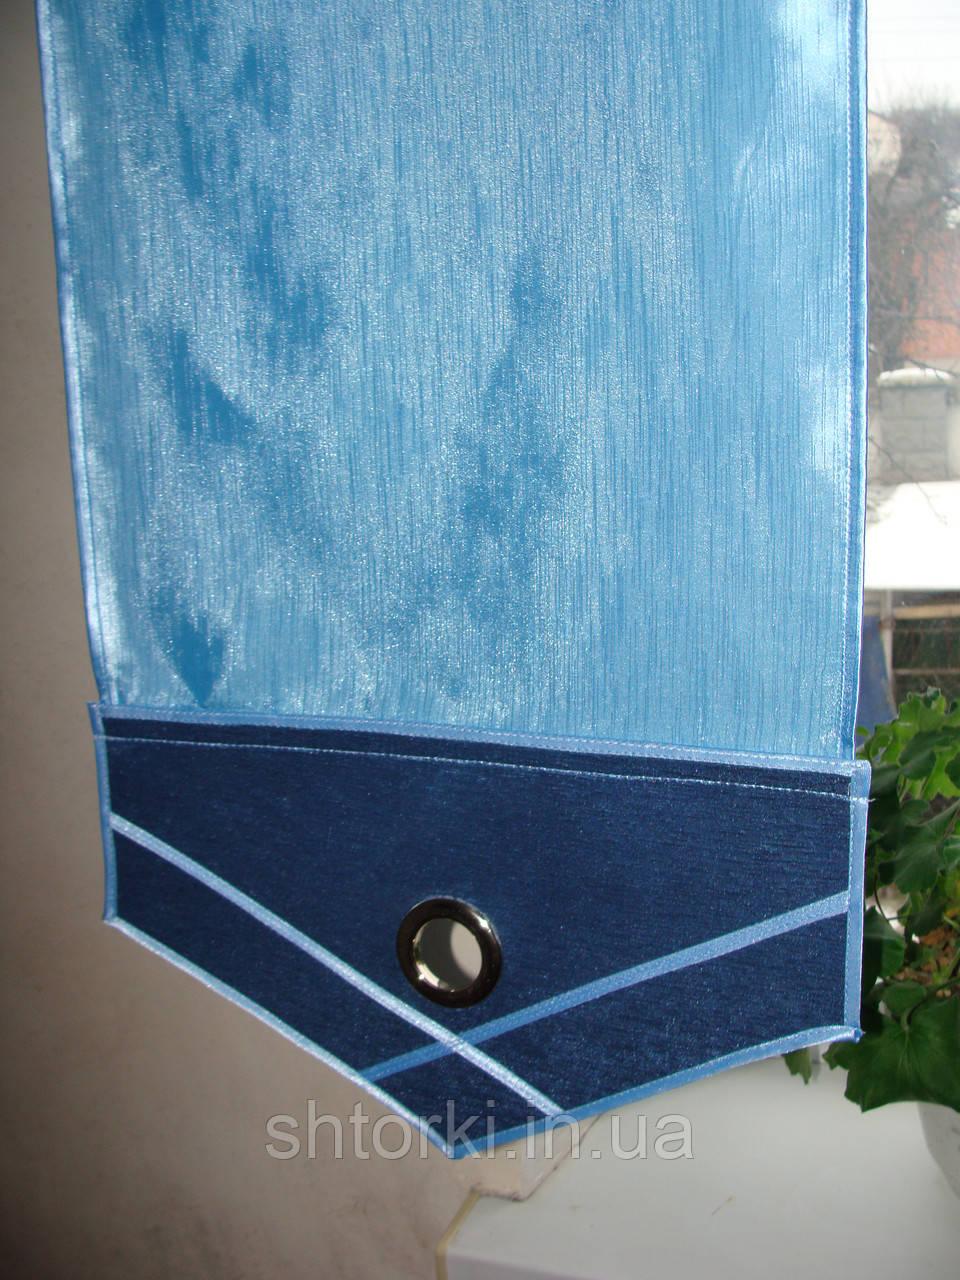 Комплект японских занавесок Сине-голубые